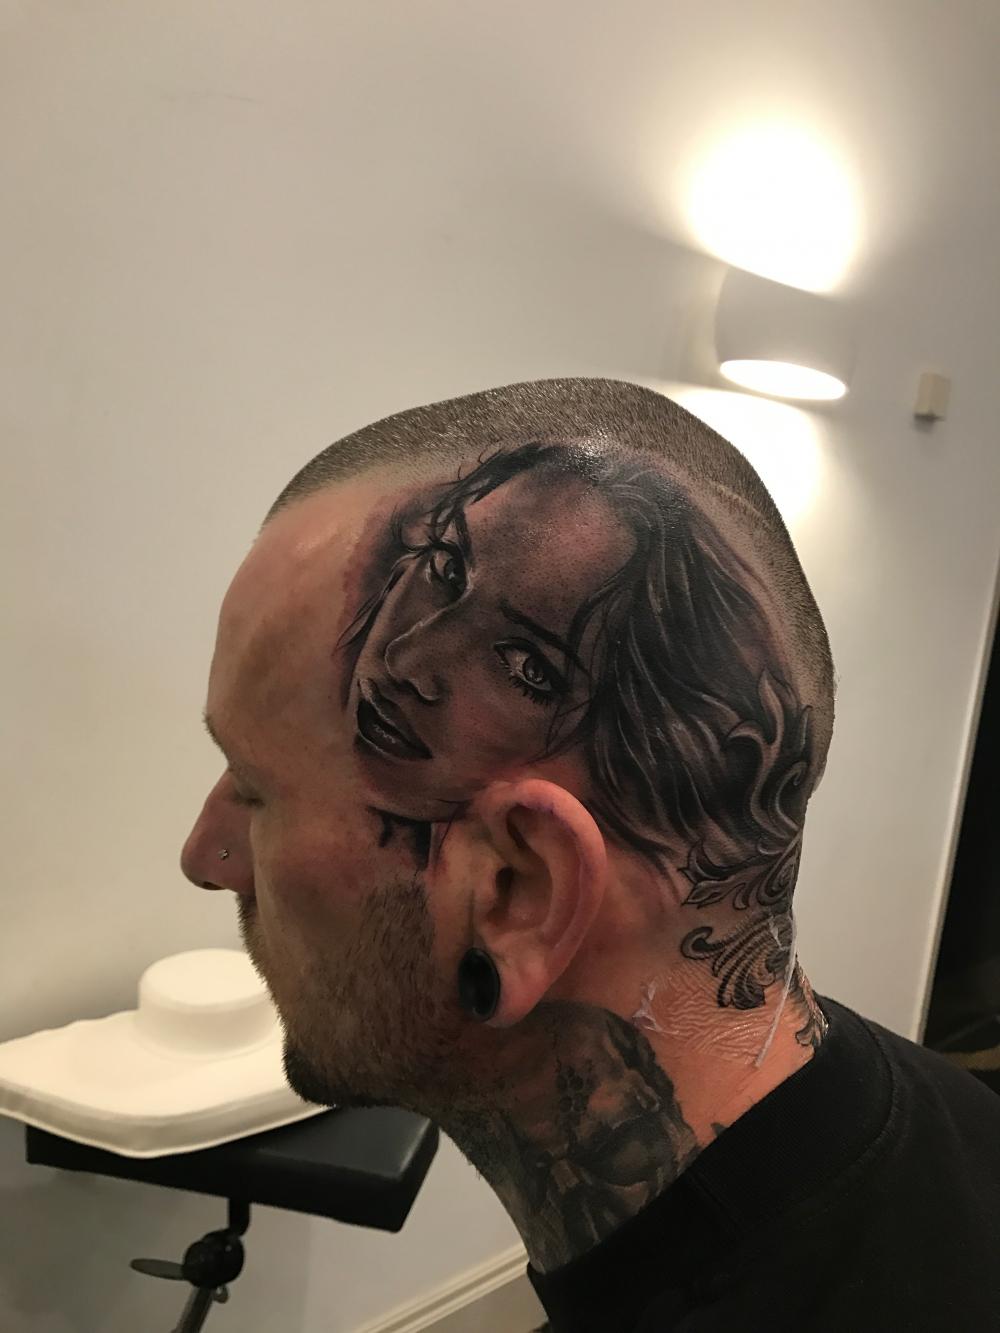 Part of head tattoo